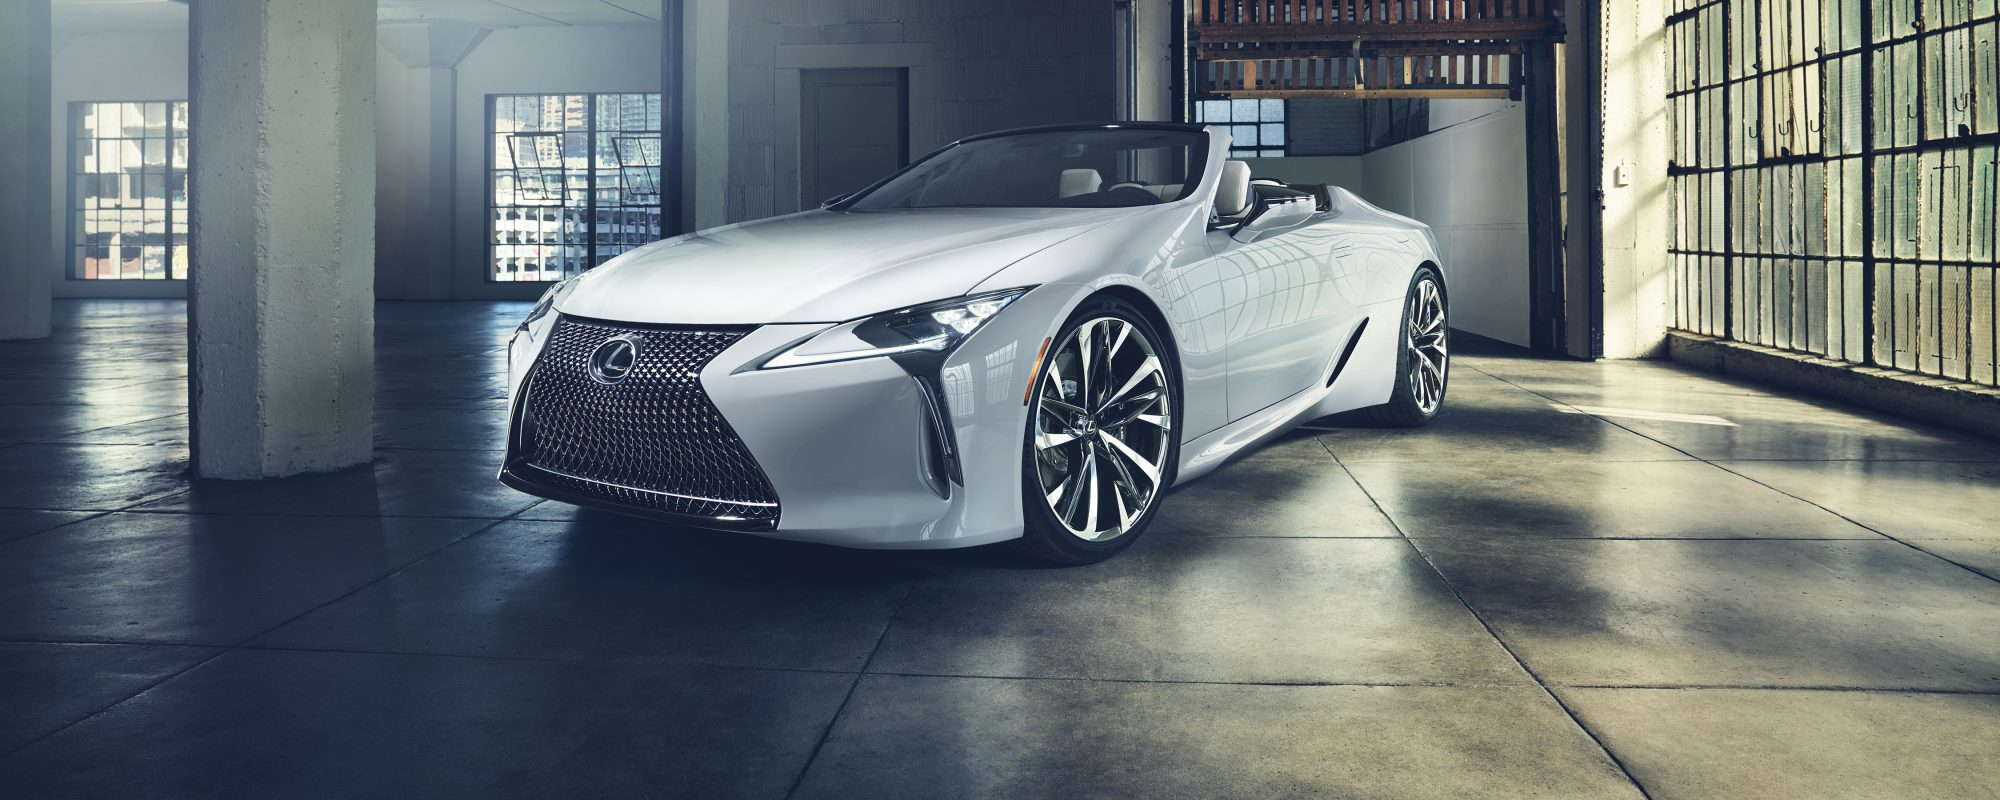 Wereldpremière Lexus LC Convertible Concept op autoshow van Detroit